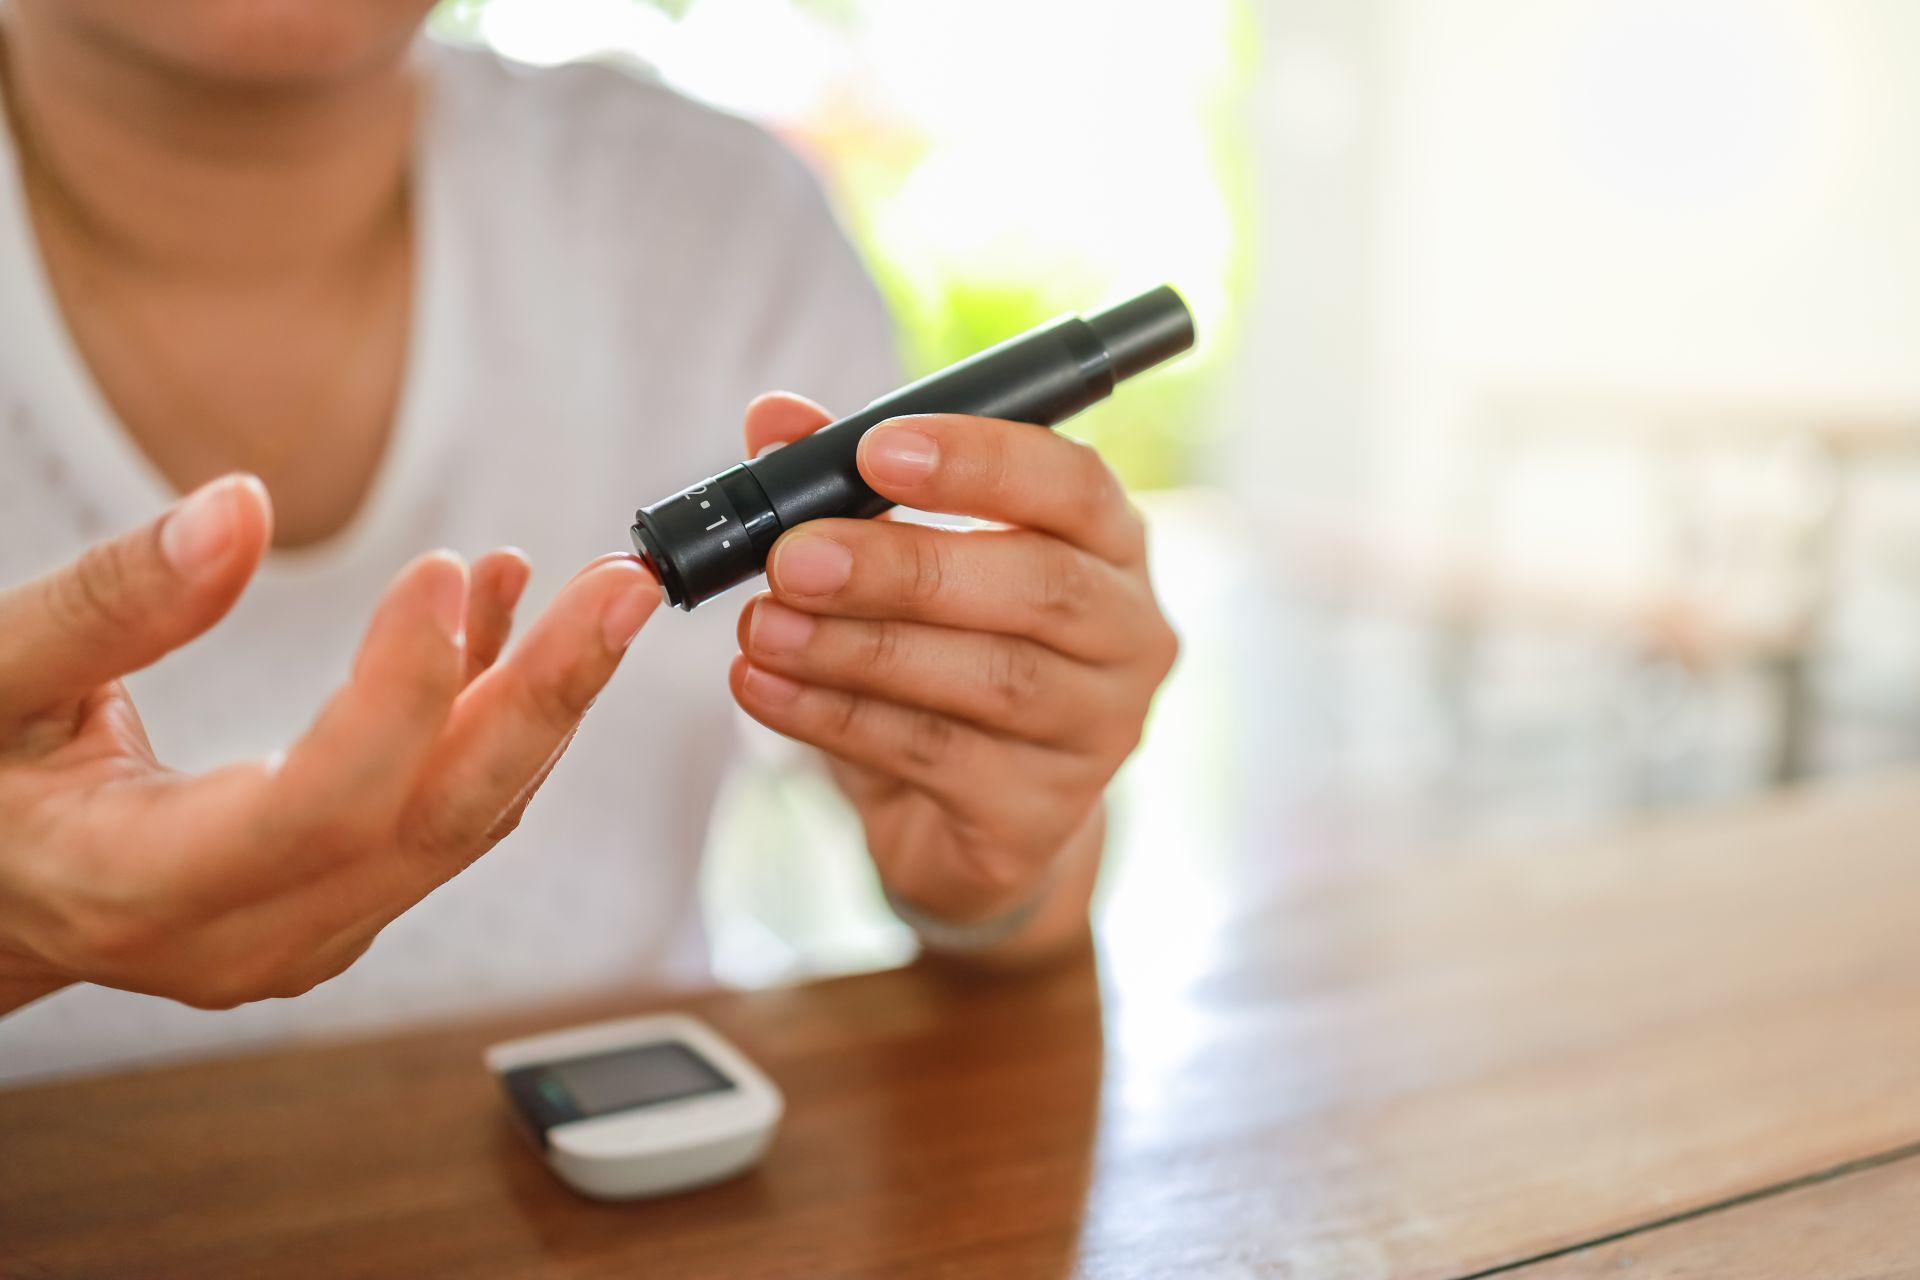 Objawy cukrzycy typu 2 - jak badać glukozę we krwi i znaleźć przyczynę cukrzycy